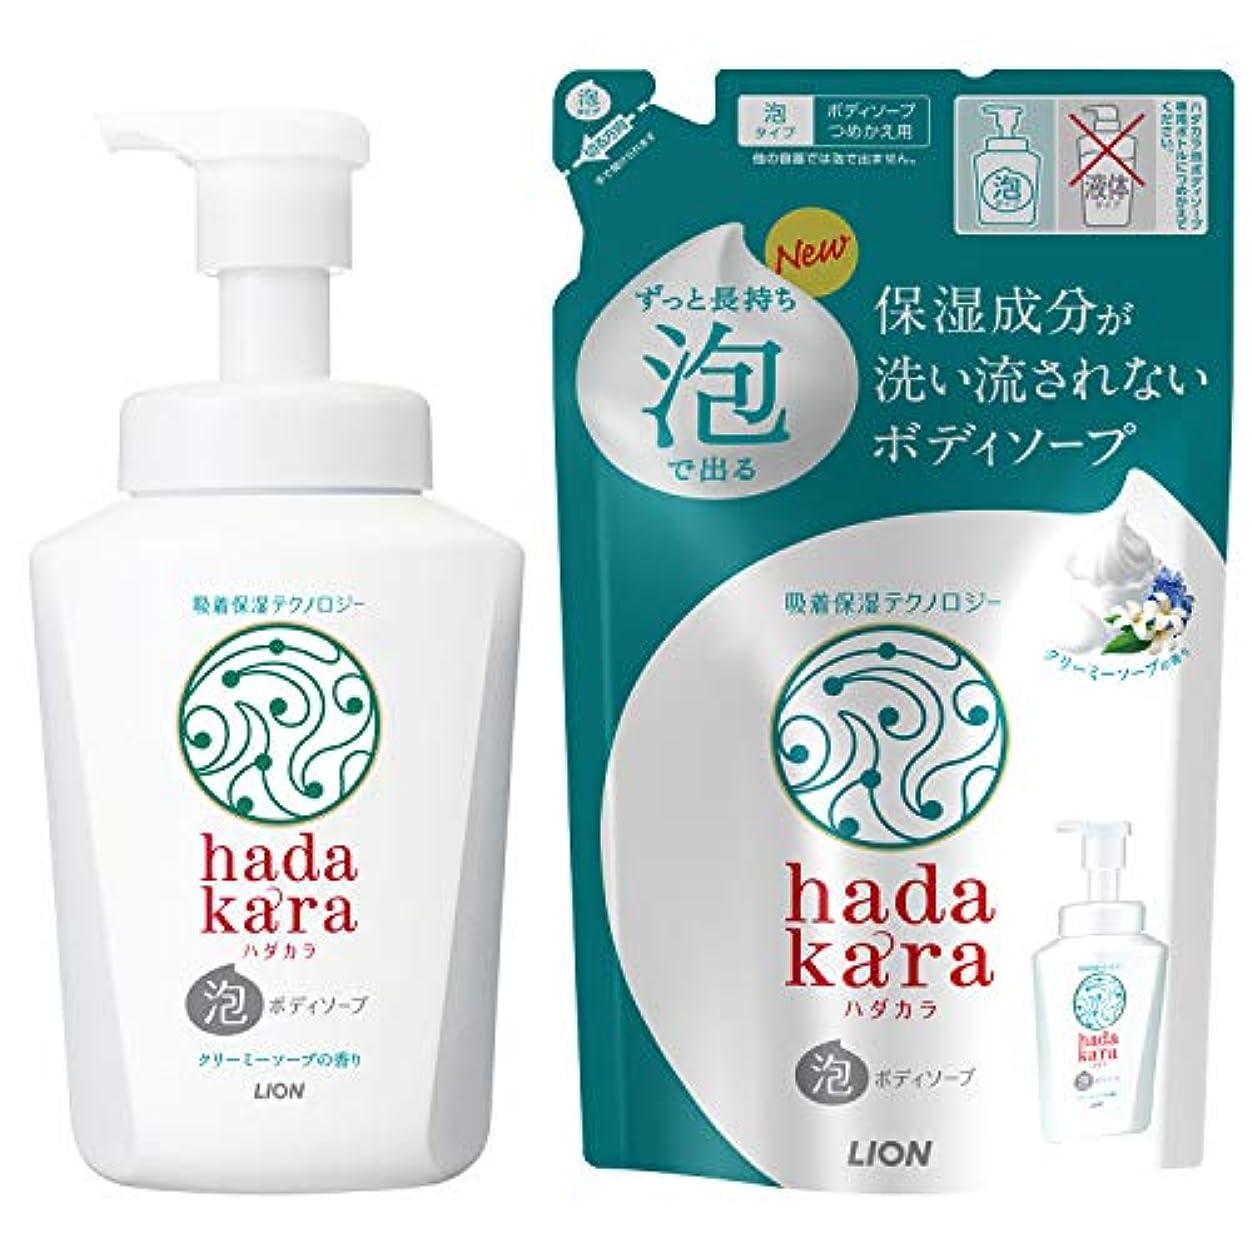 バンク冗談で去るhadakara(ハダカラ) ボディソープ 泡タイプ クリーミーソープの香り 本体550ml+詰替440ml 1